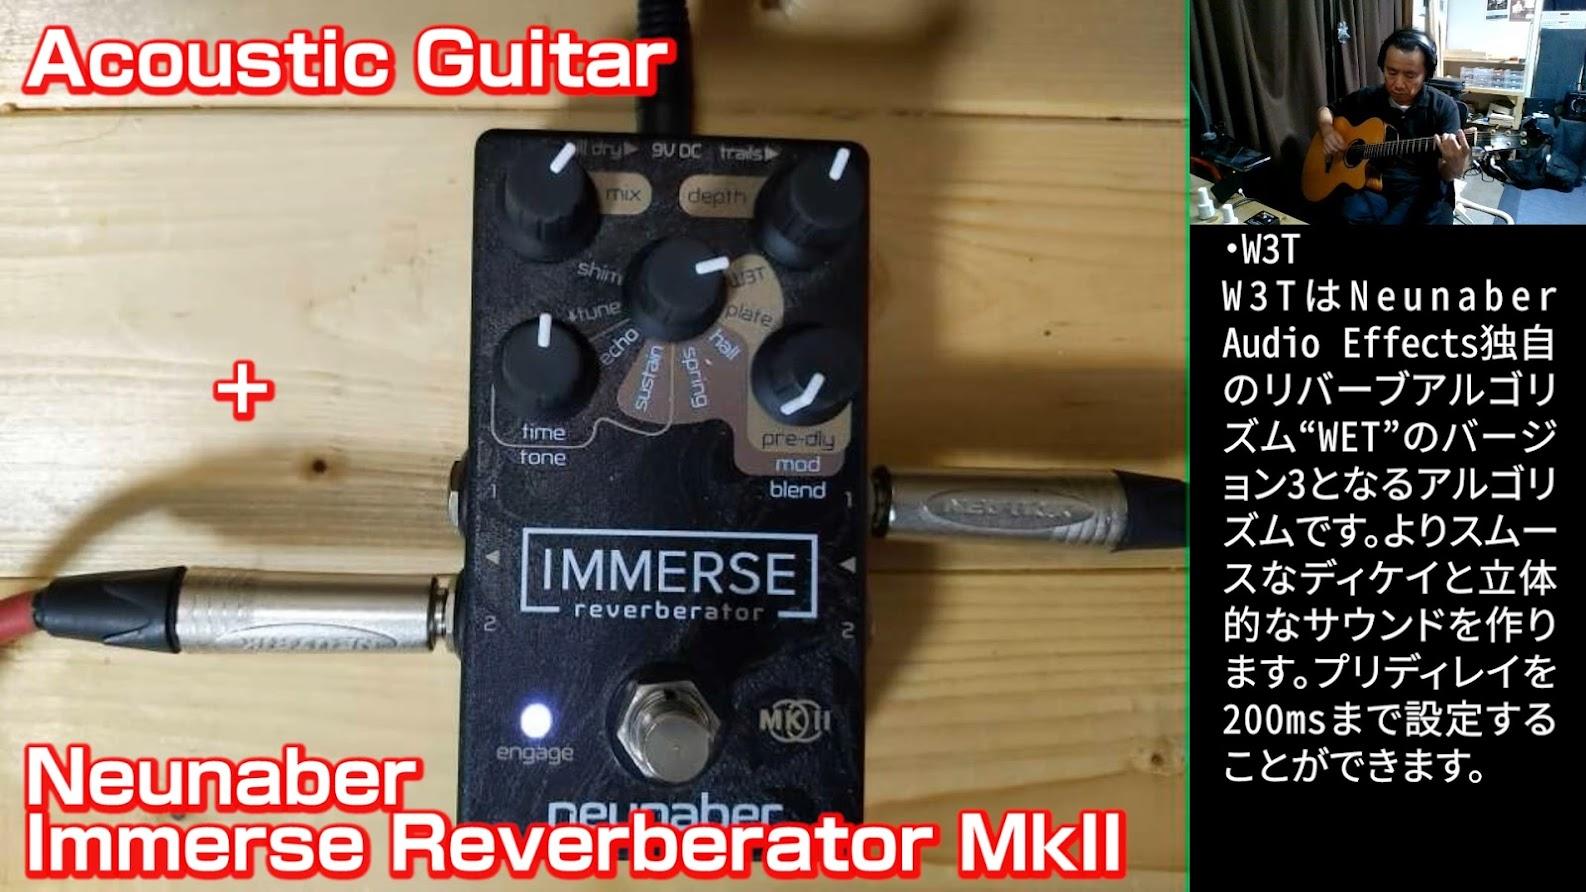 Neunaber Immerse Reverberator MkIIの音のサンプルを動画にしてみました。